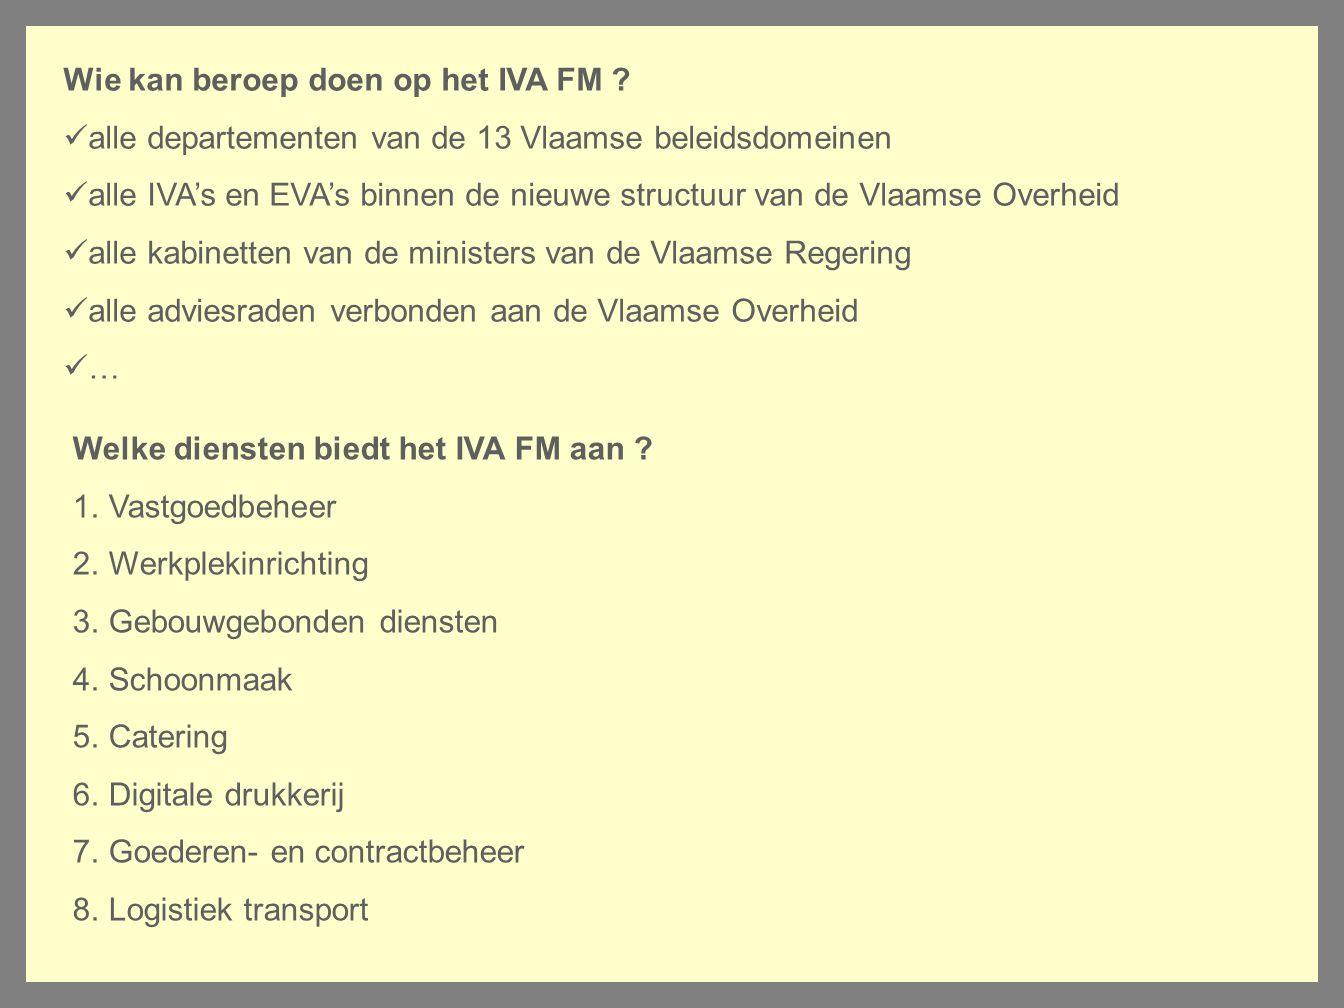 Wie kan beroep doen op het IVA FM ? alle departementen van de 13 Vlaamse beleidsdomeinen alle IVA's en EVA's binnen de nieuwe structuur van de Vlaamse